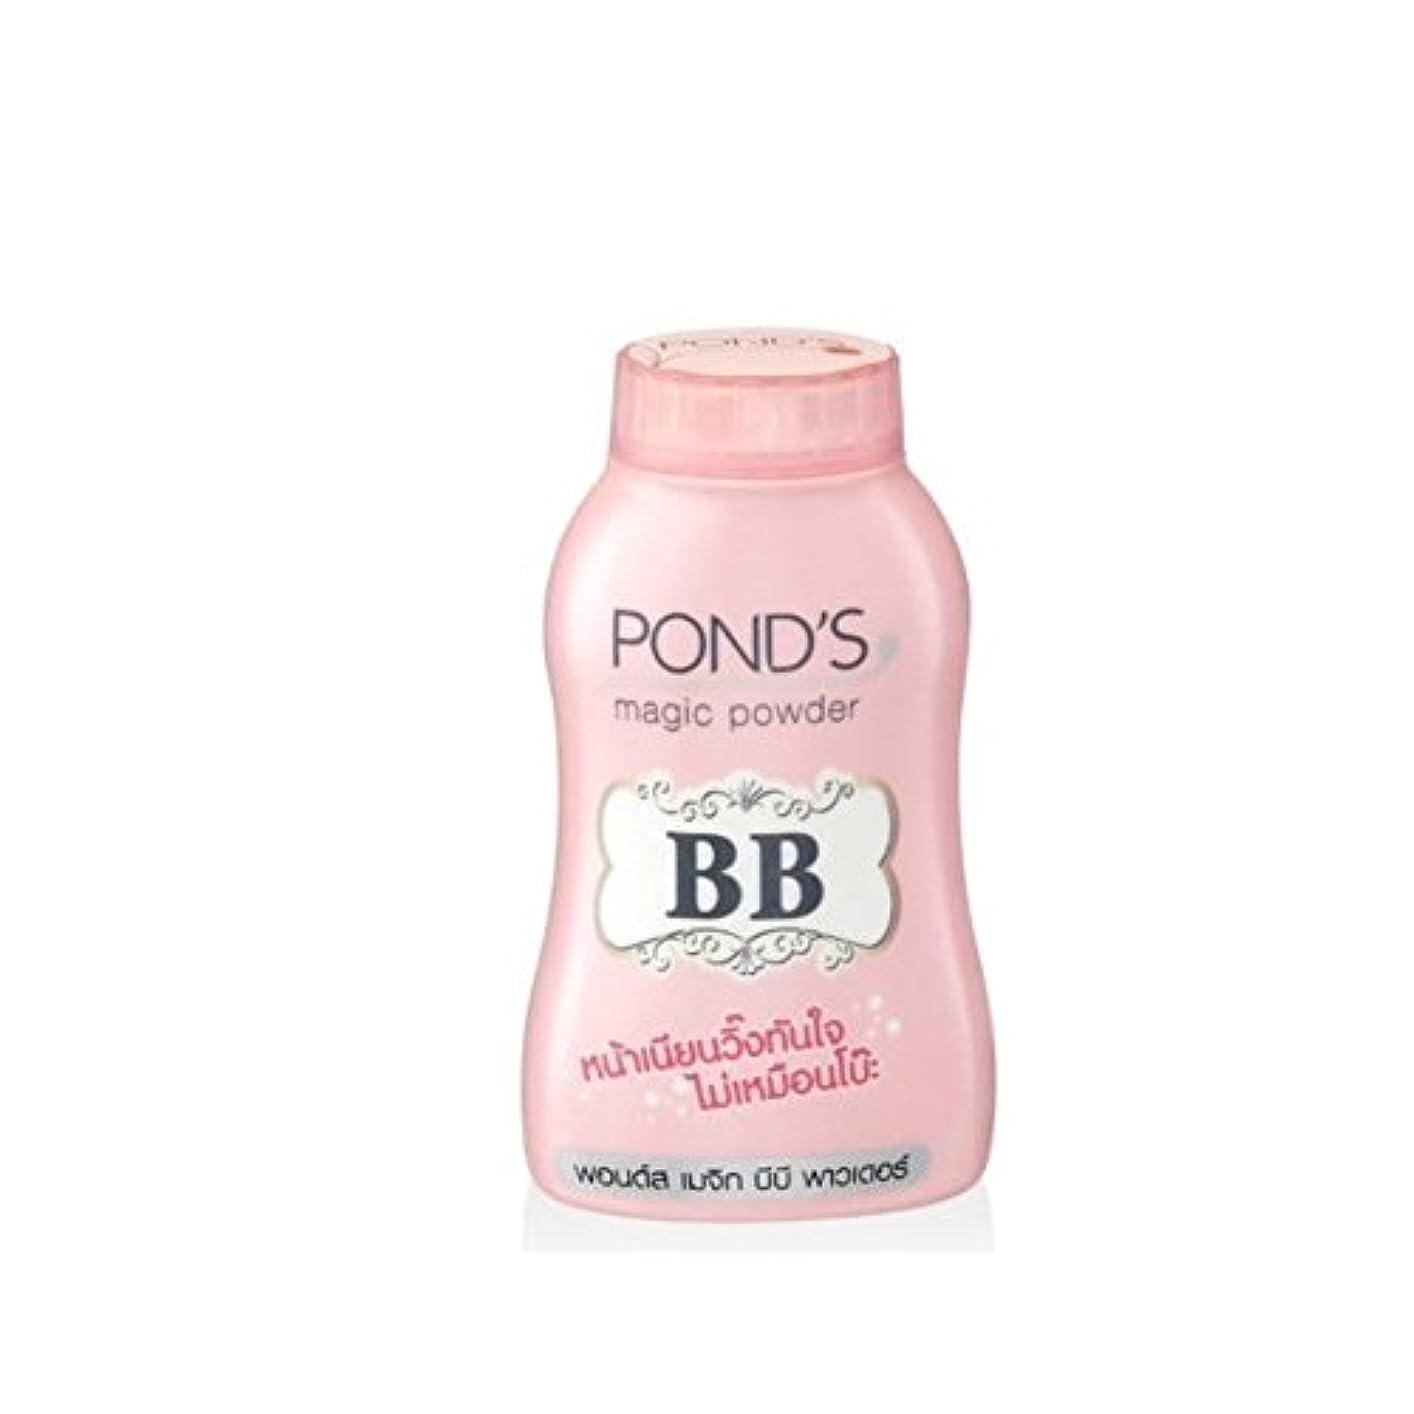 振動させる猟犬有力者POND's Magic BB Pwder ポン酢マジック?パウダー50g 2 pack (並行輸入品)